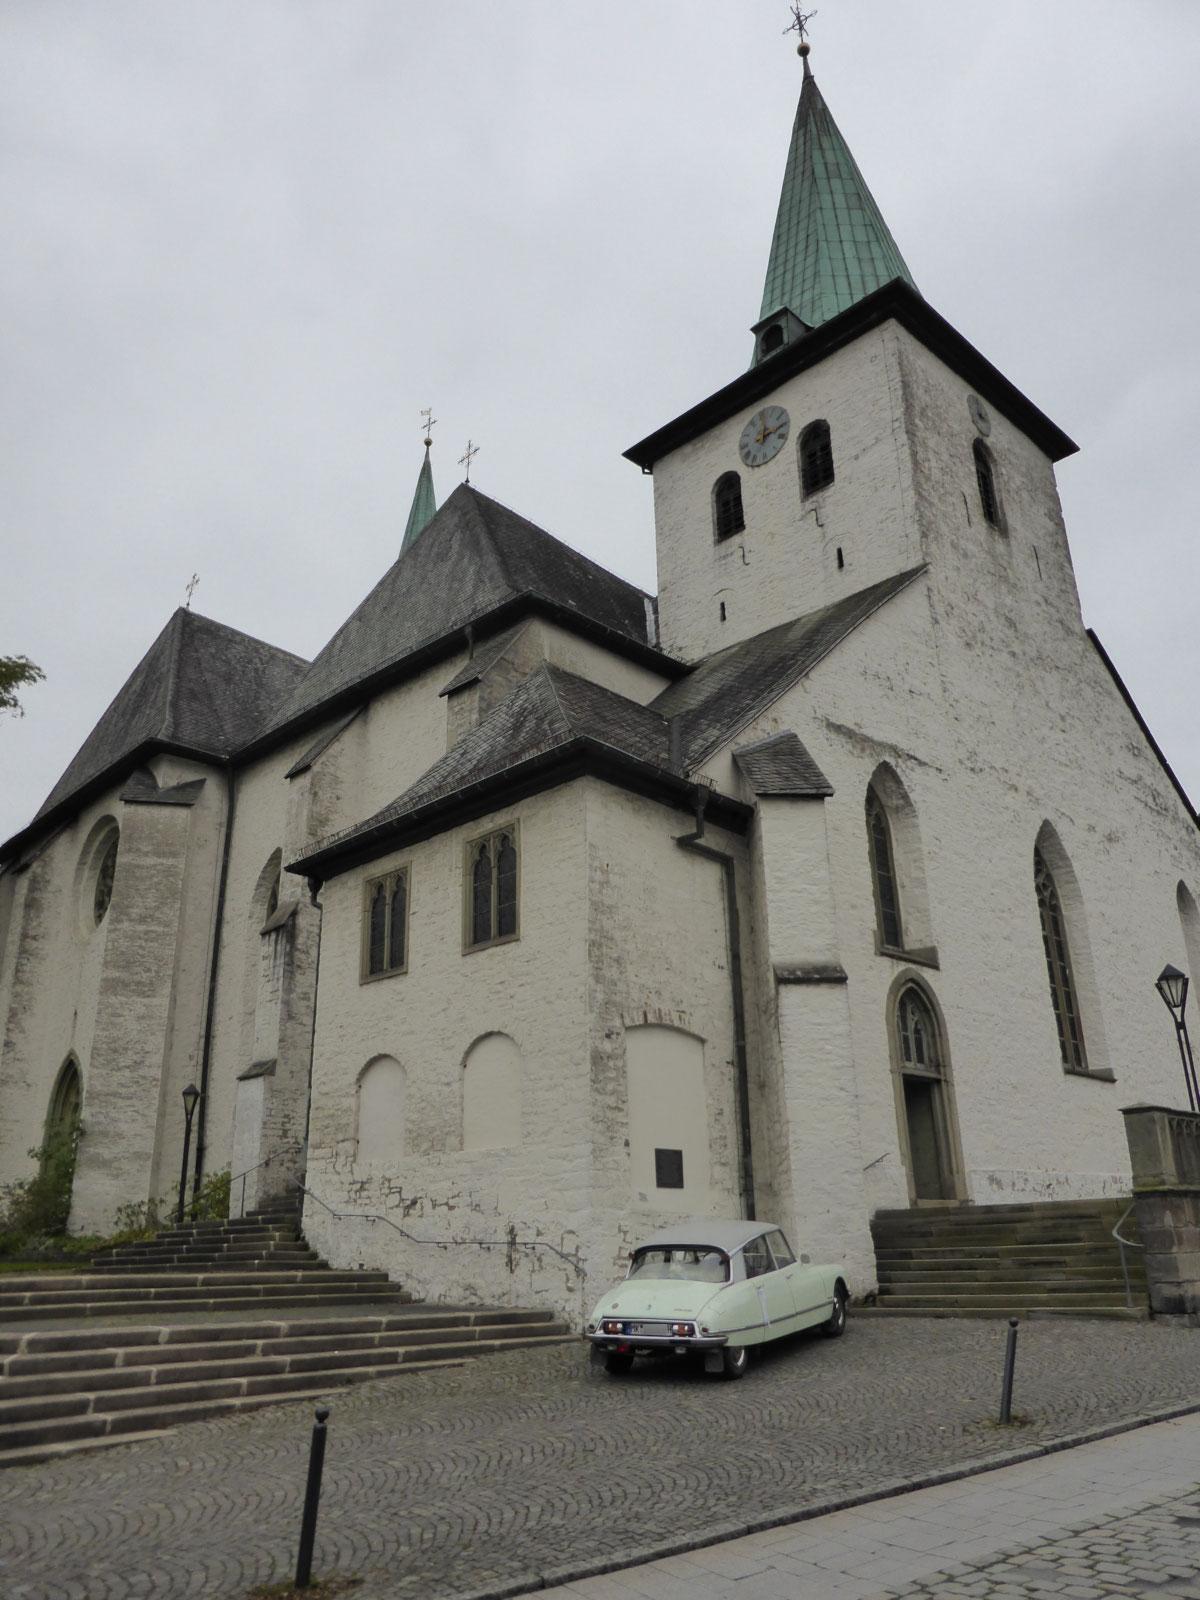 Propsteikirche, Arnsberg